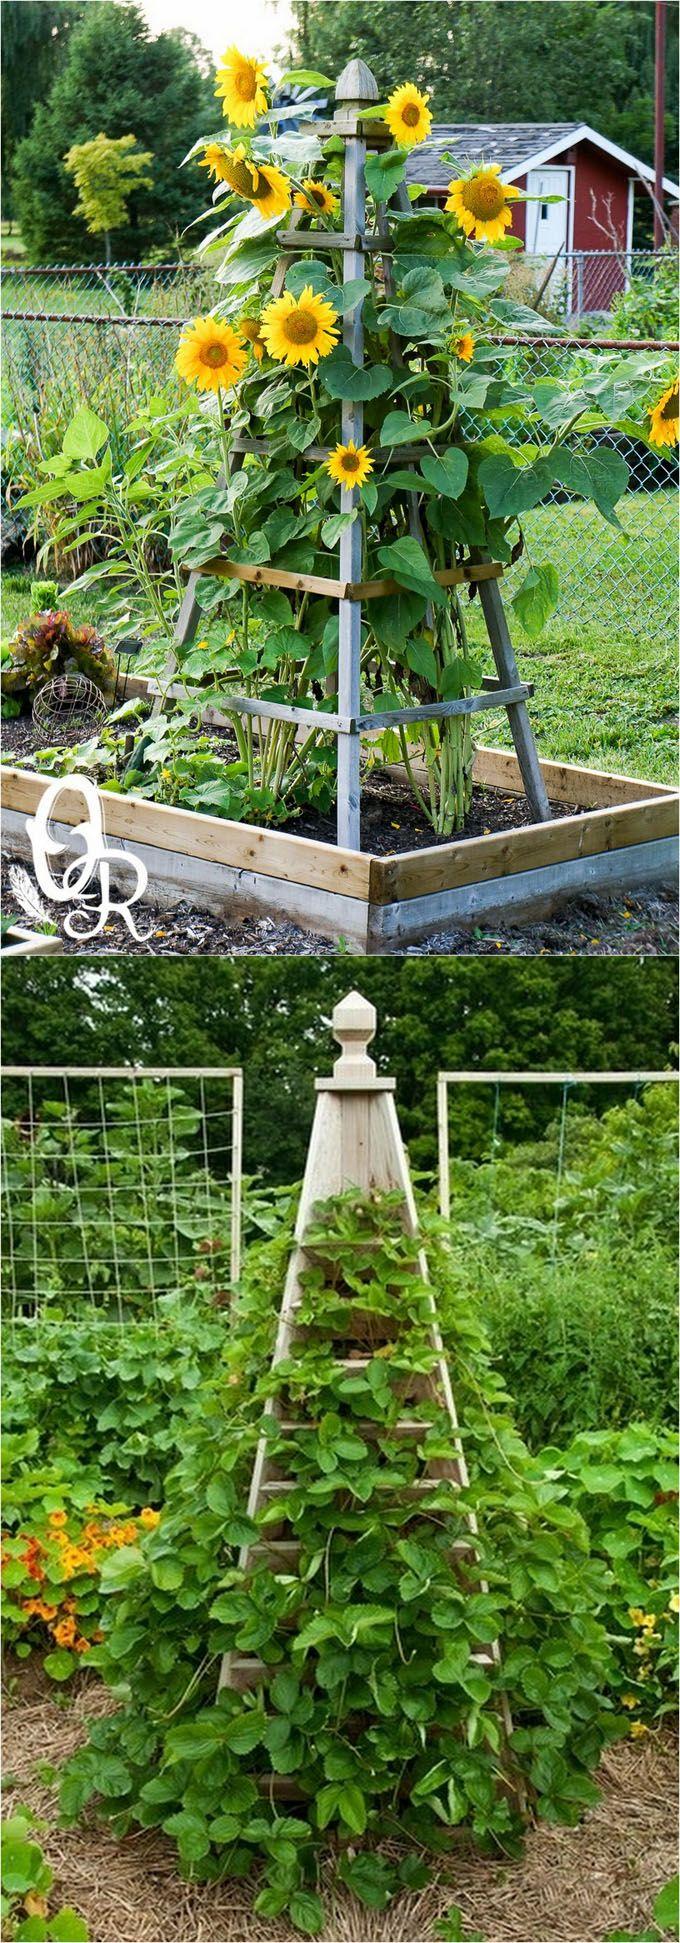 25 Best Ideas About Garden Structures On Pinterest Gazebo